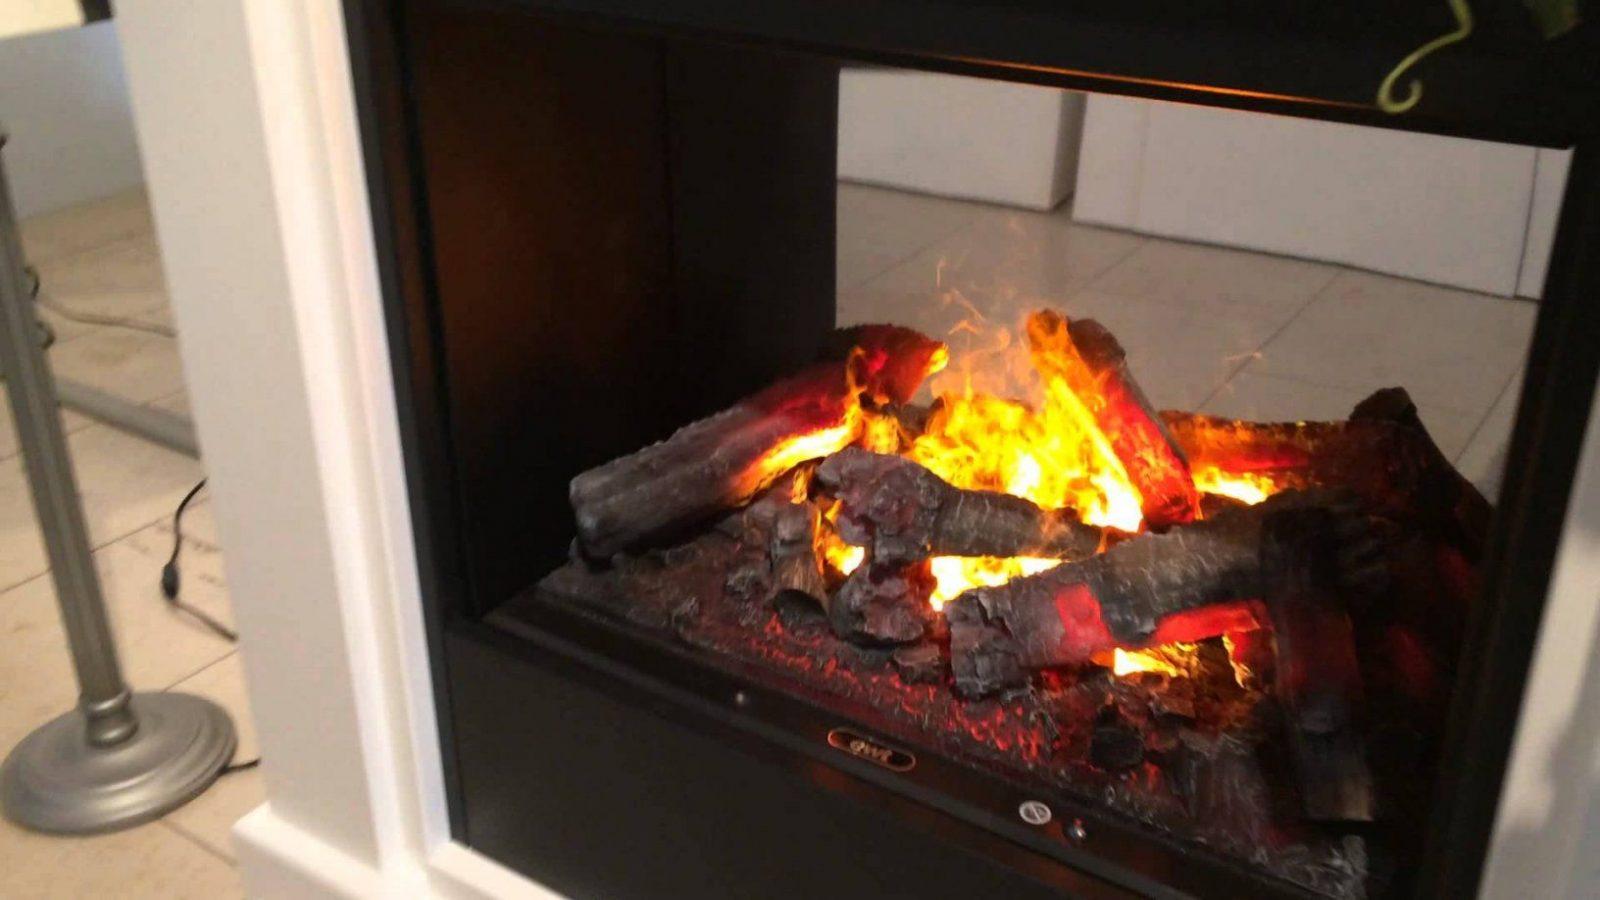 Elektrokamin Monaco Mit Optimyst 3D Feuer Und 2 Zuschaltbaren von Elektrokamine Mit Wasserdampf Feuer Photo